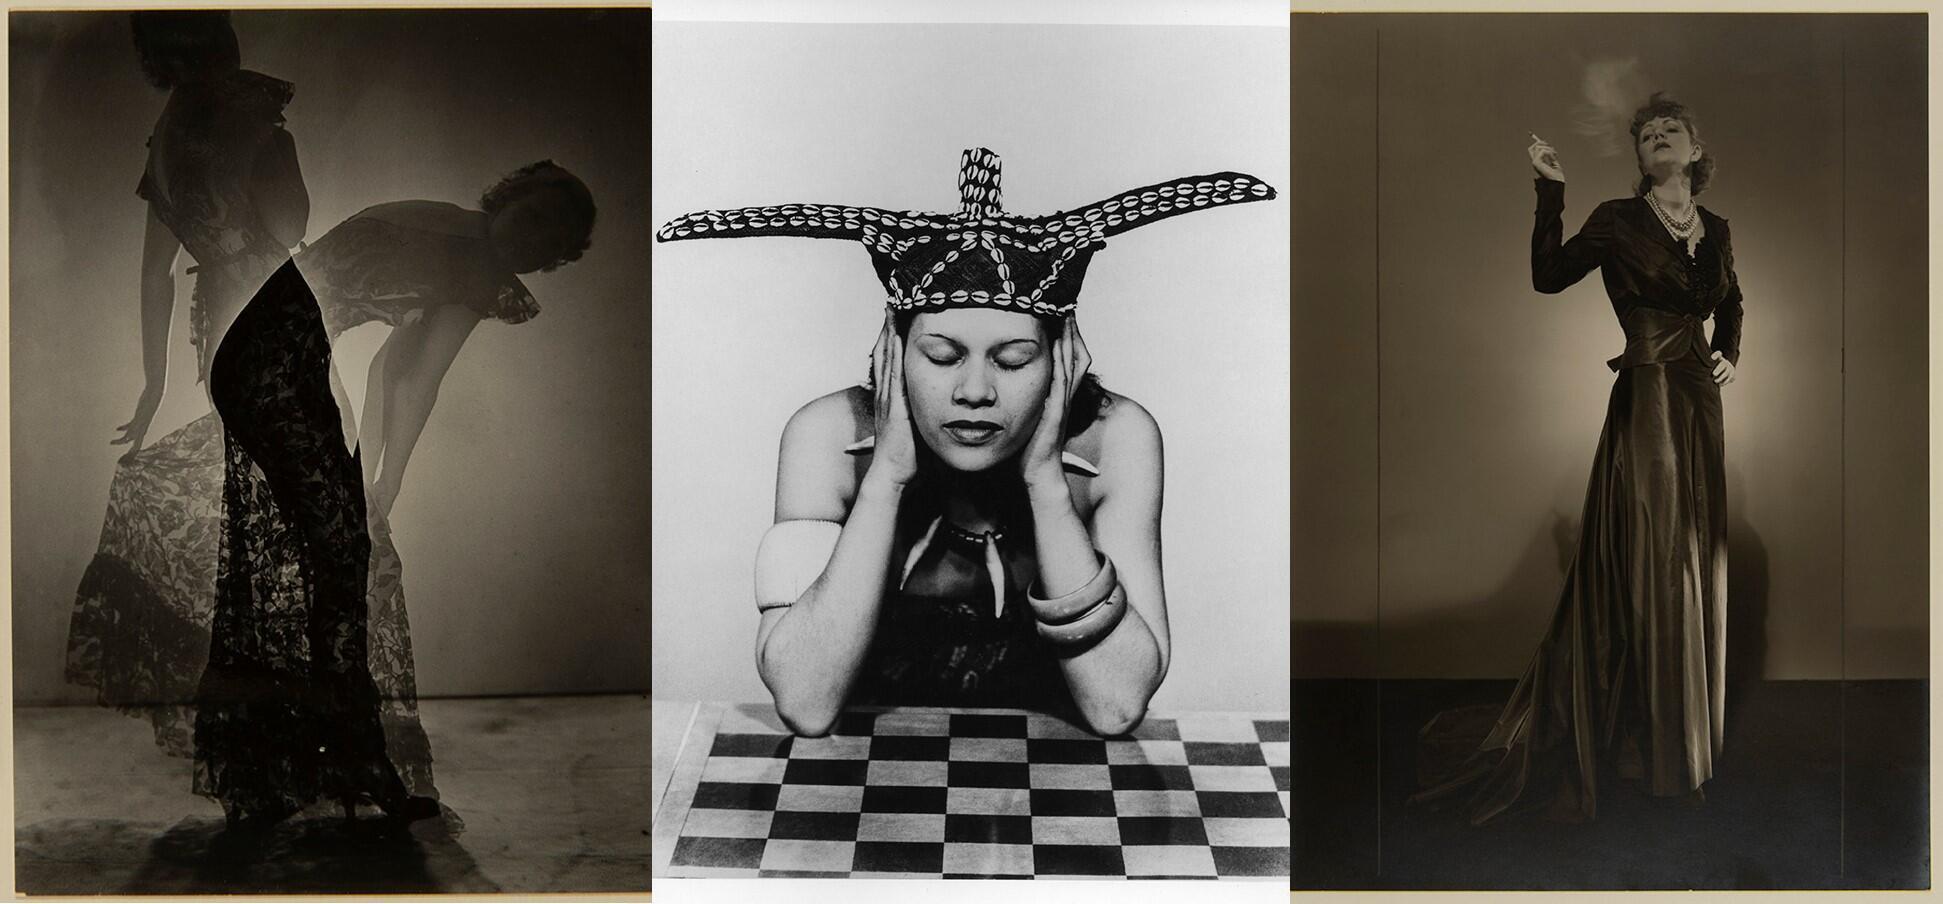 Com fotomontagens, poses inovantes e situações oníricas Man Ray transformou a fotografia de moda